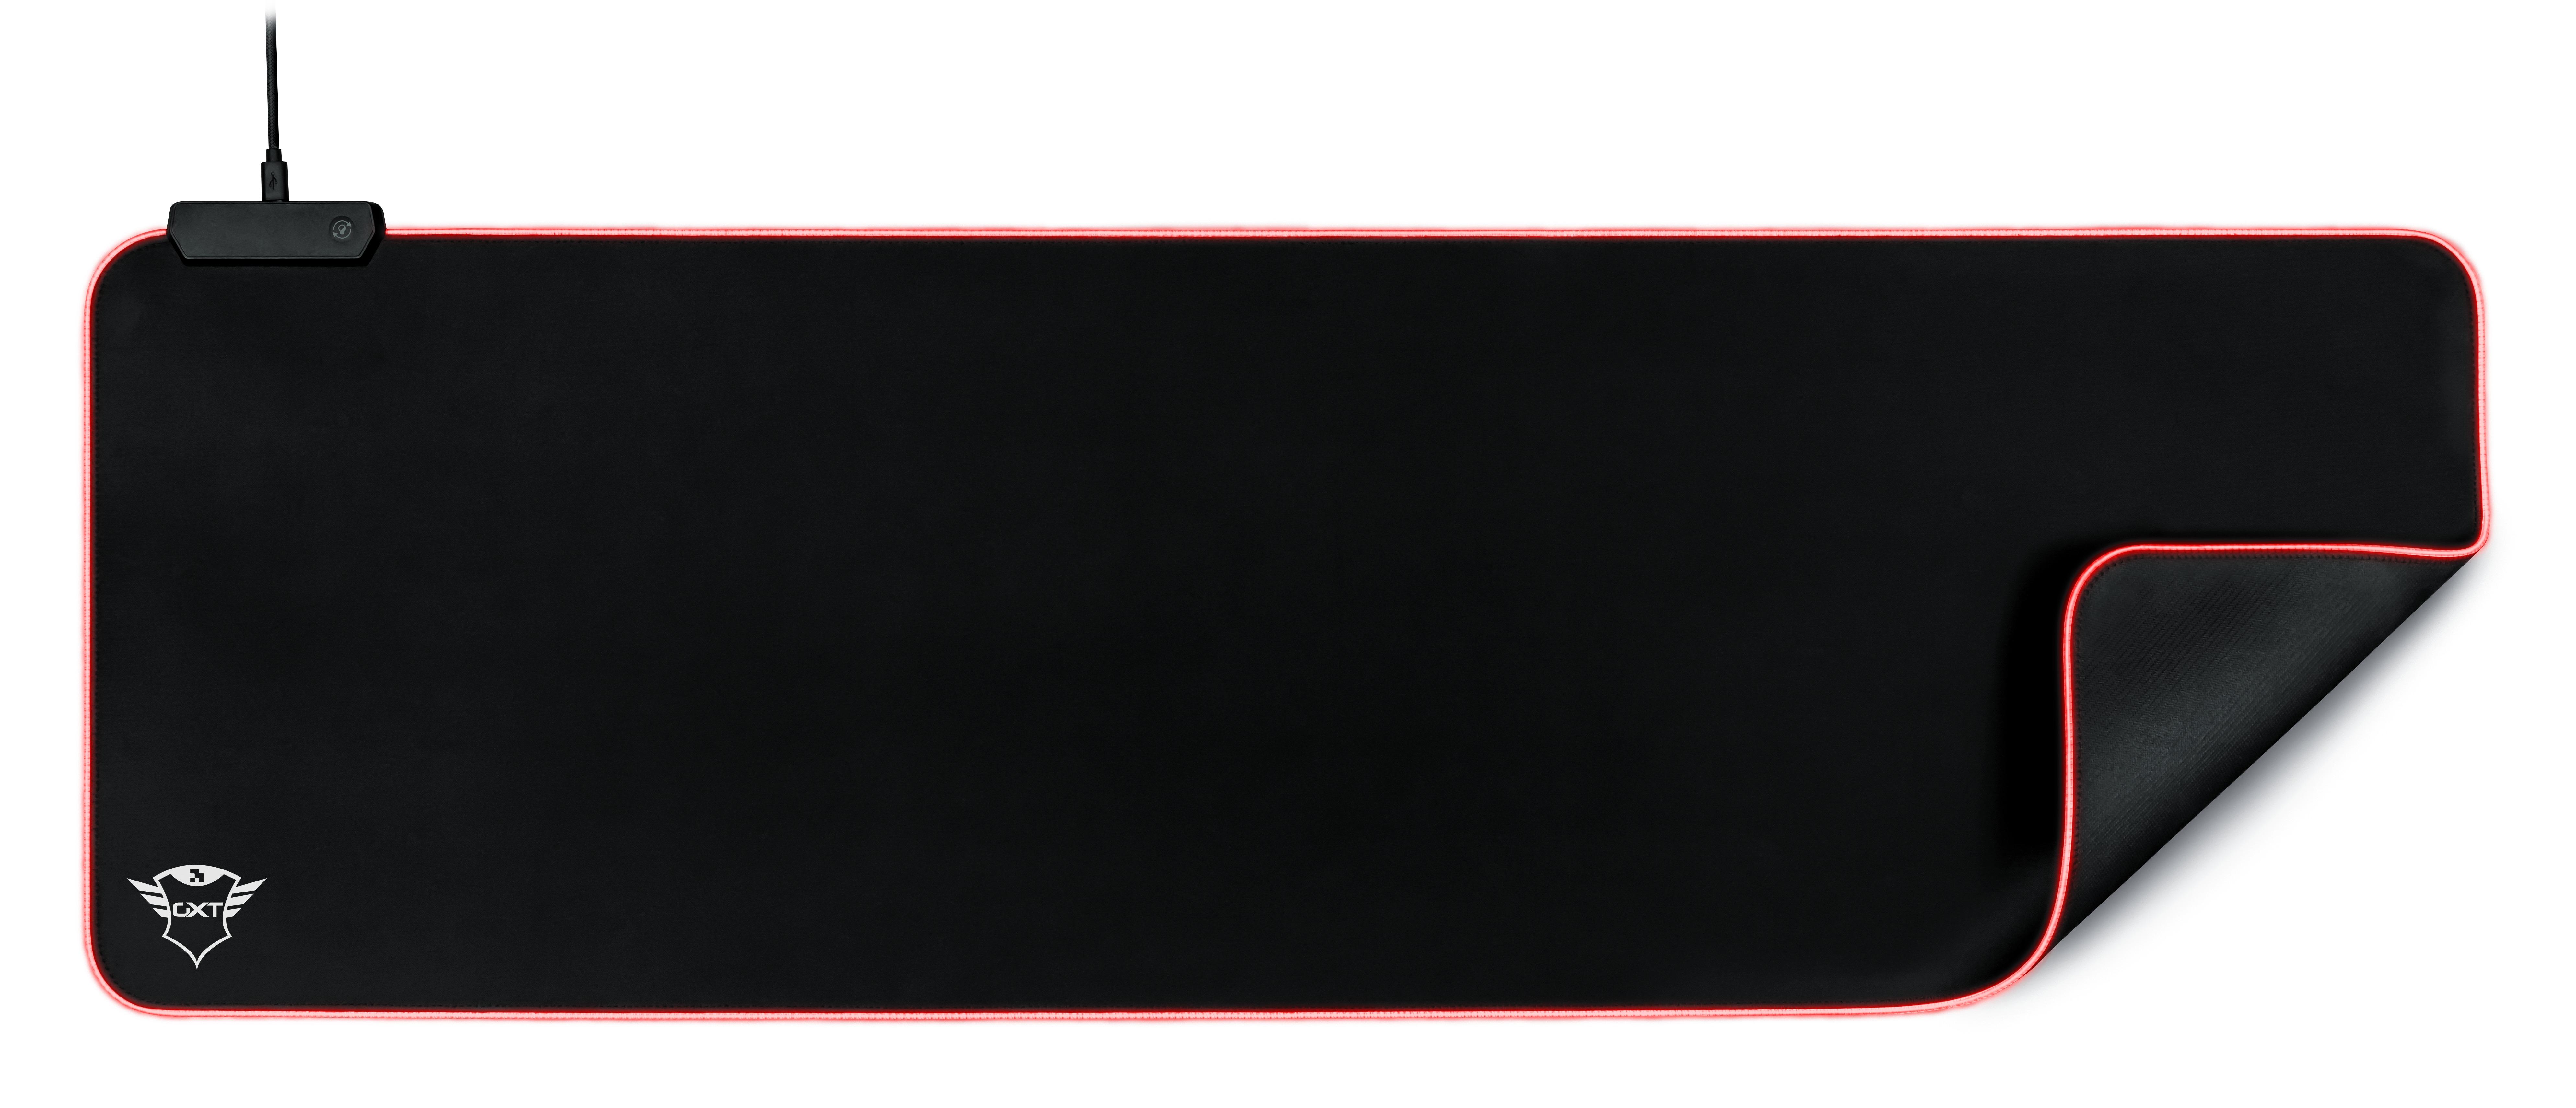 Trust GXT 764 Glide-Flex XXL RGB Muismat Zwart